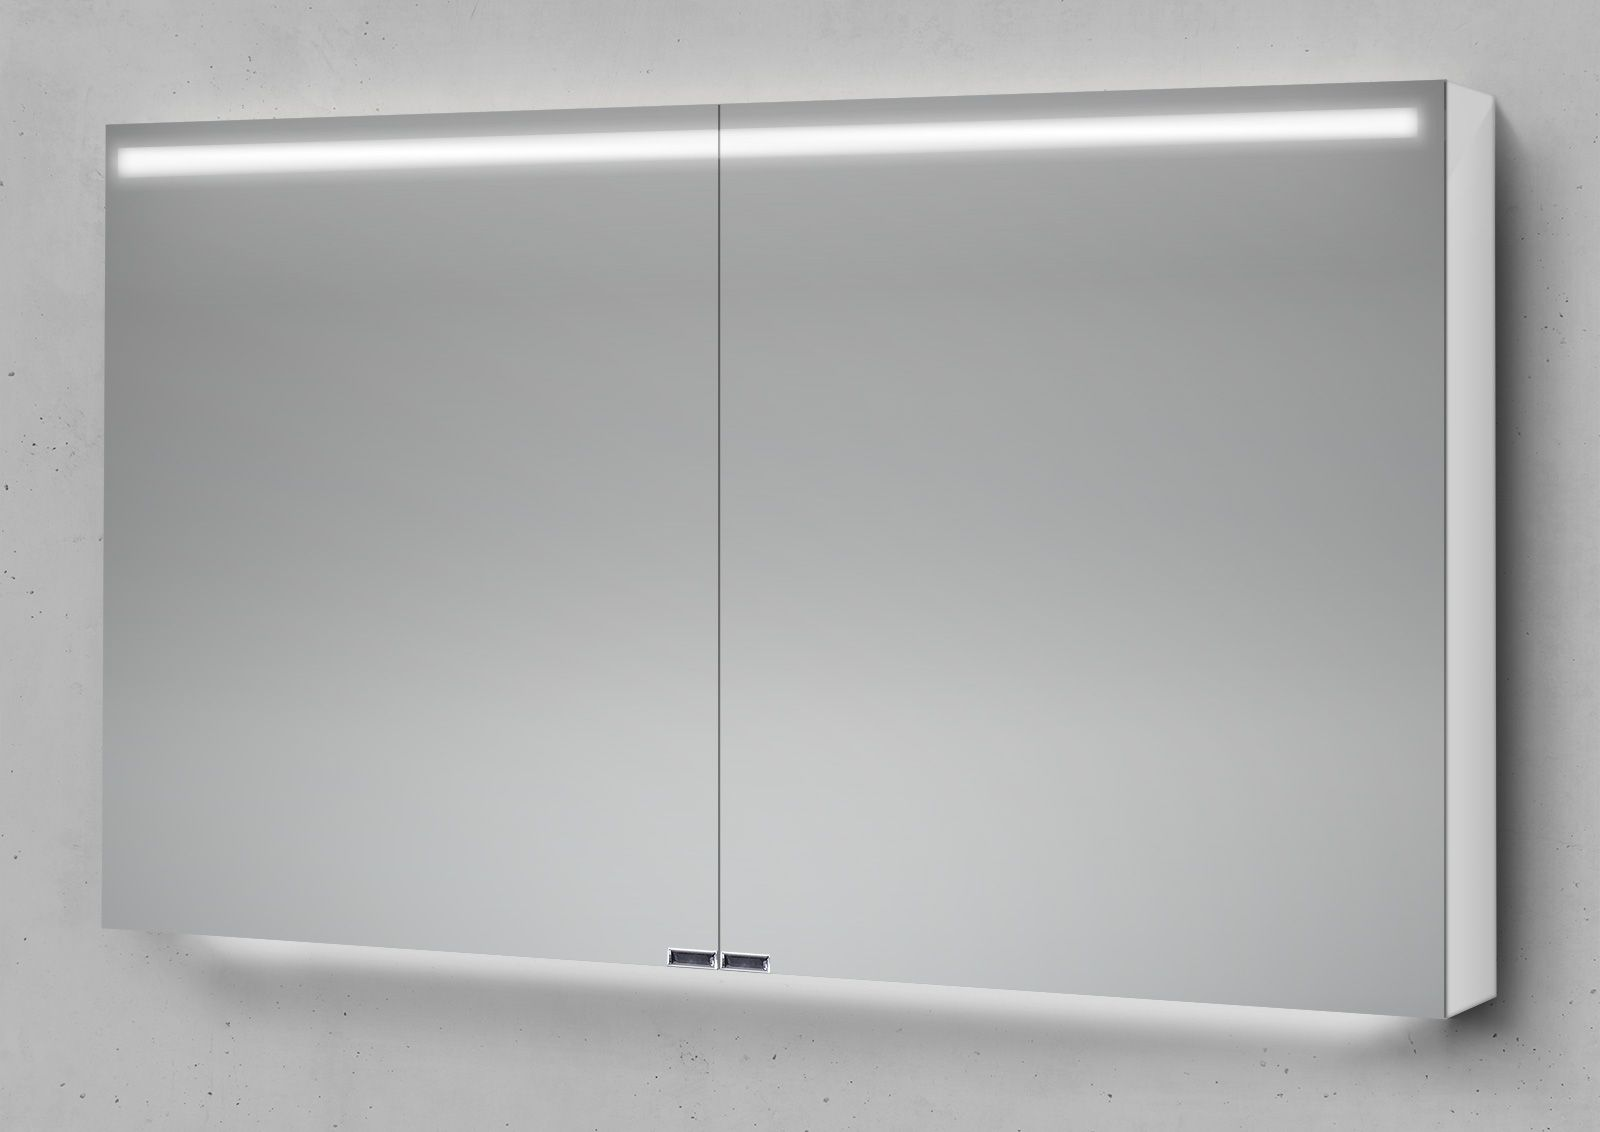 Designbaeder Com In 2020 Spiegelschrank Led Unterbauleuchte Mineralguss Waschtisch